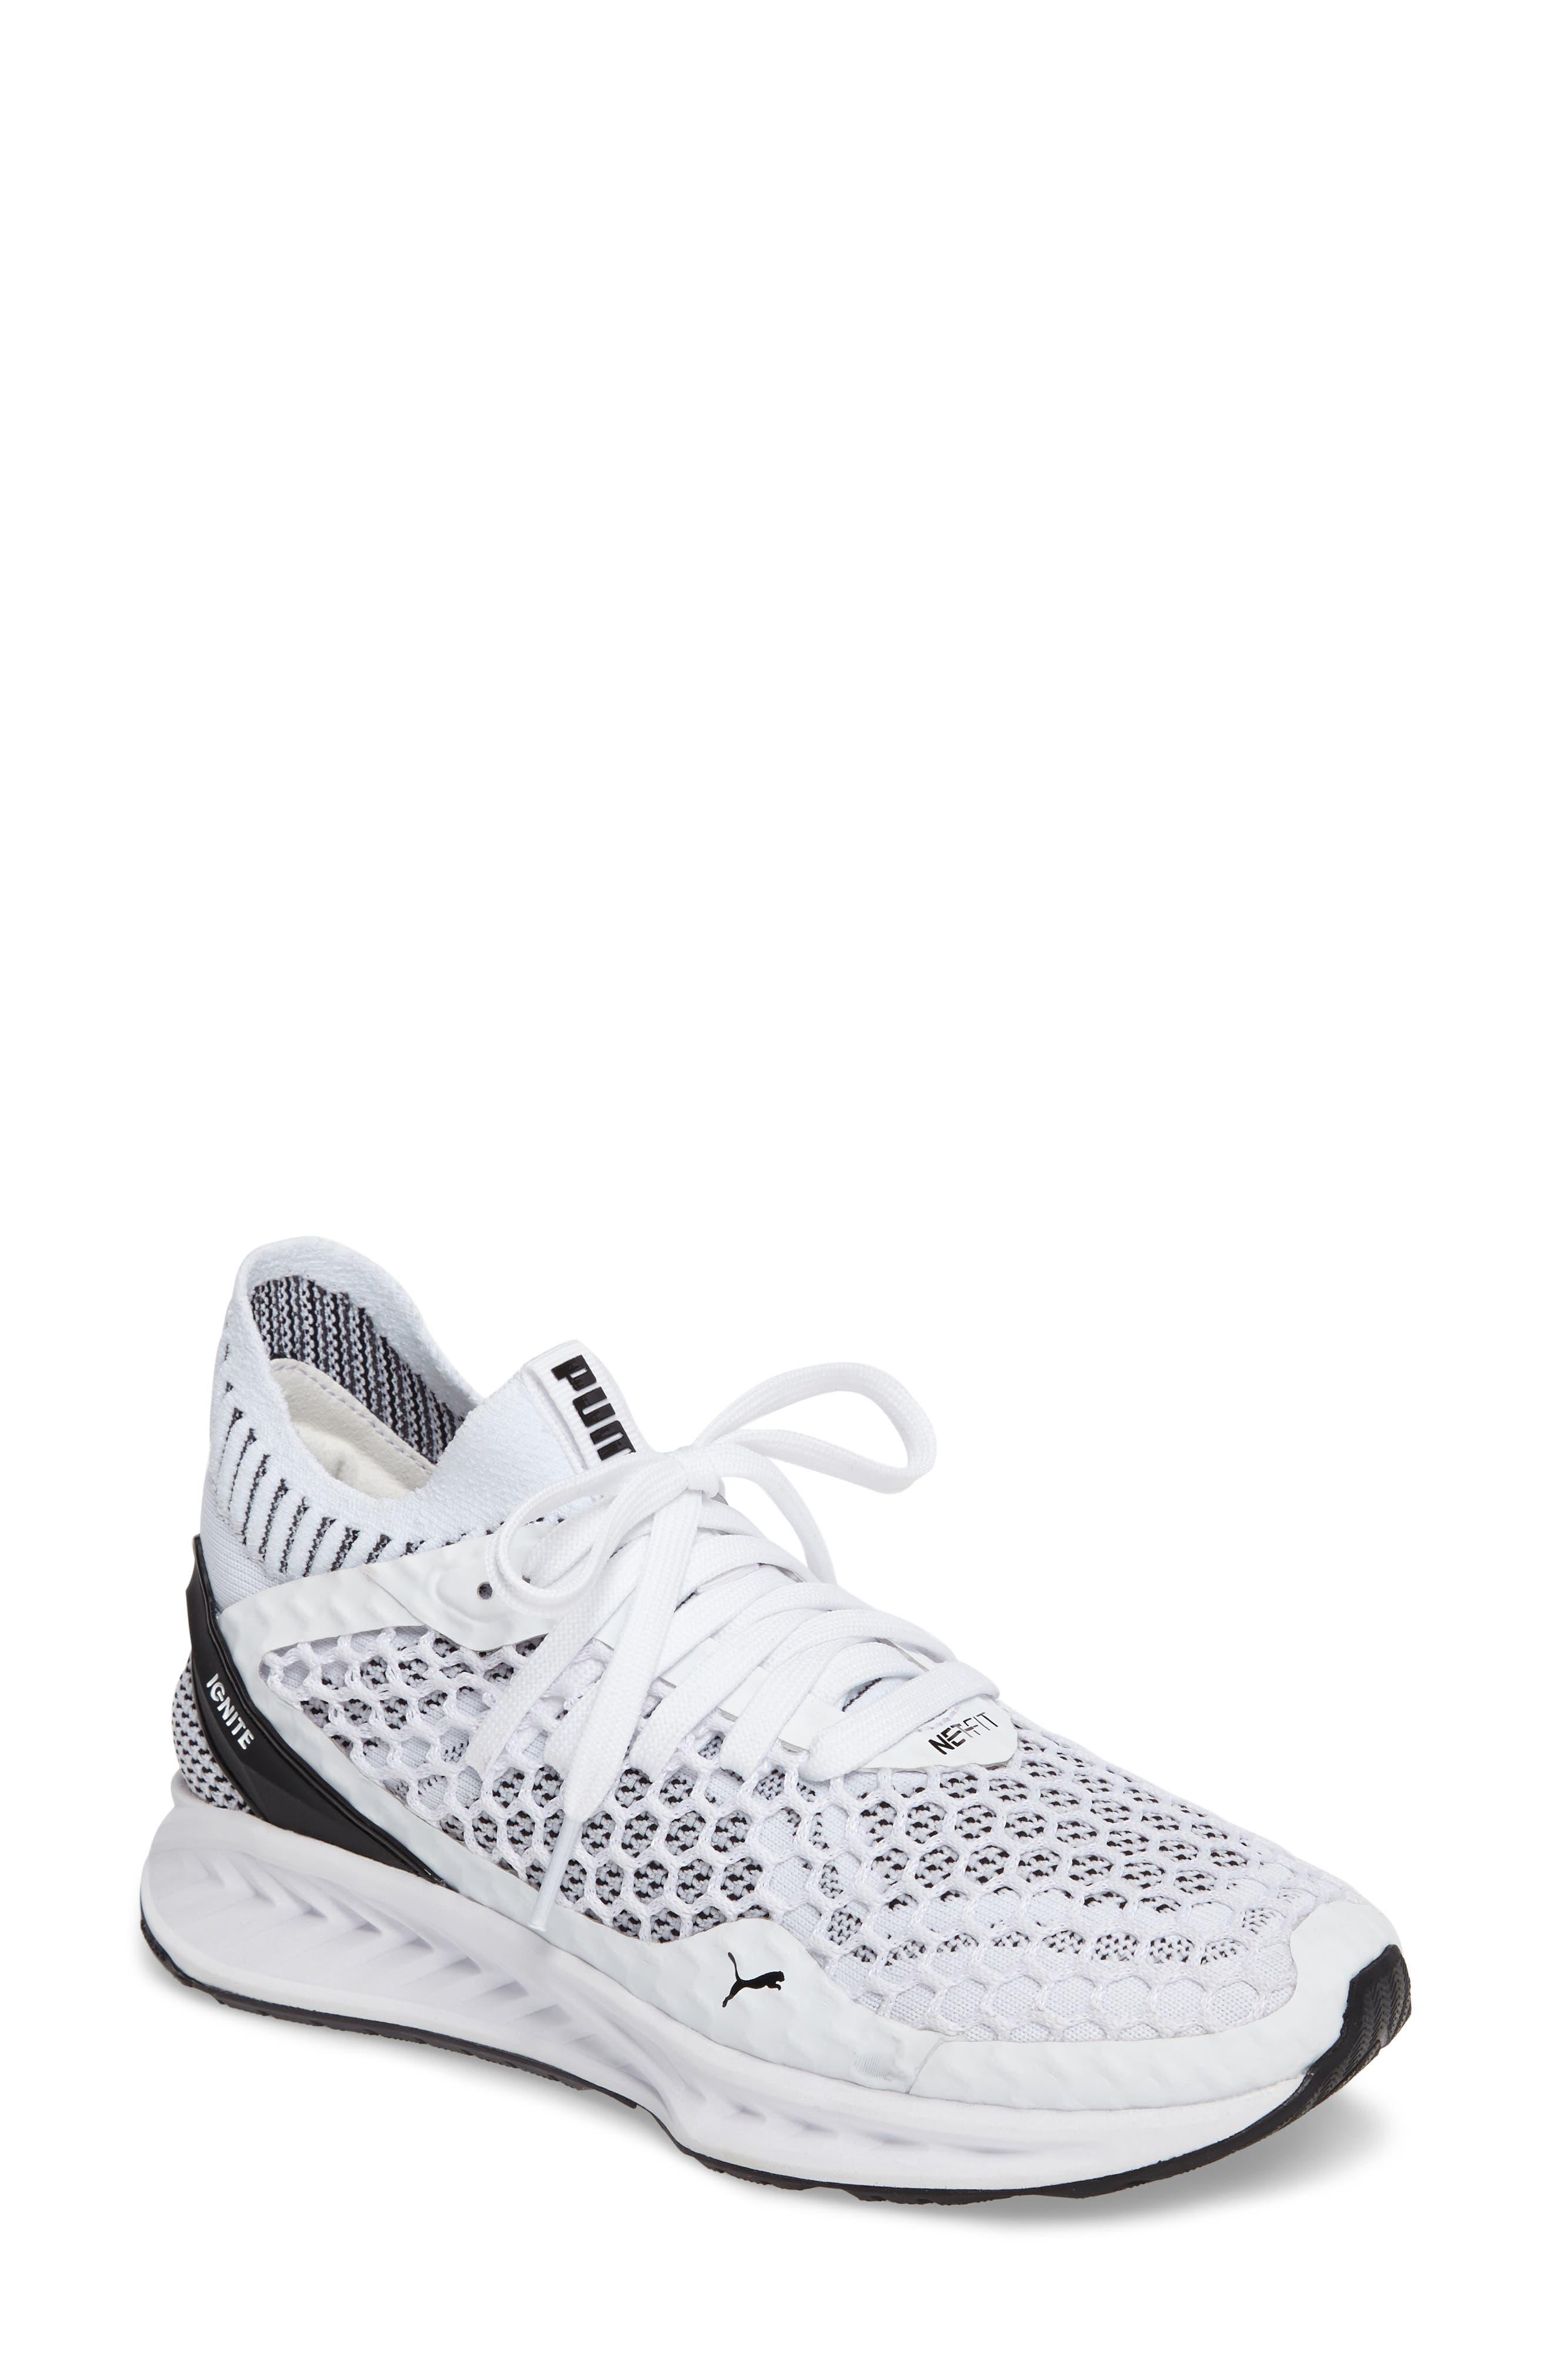 PUMA IGNITE evoKNIT Running Shoe (Women)